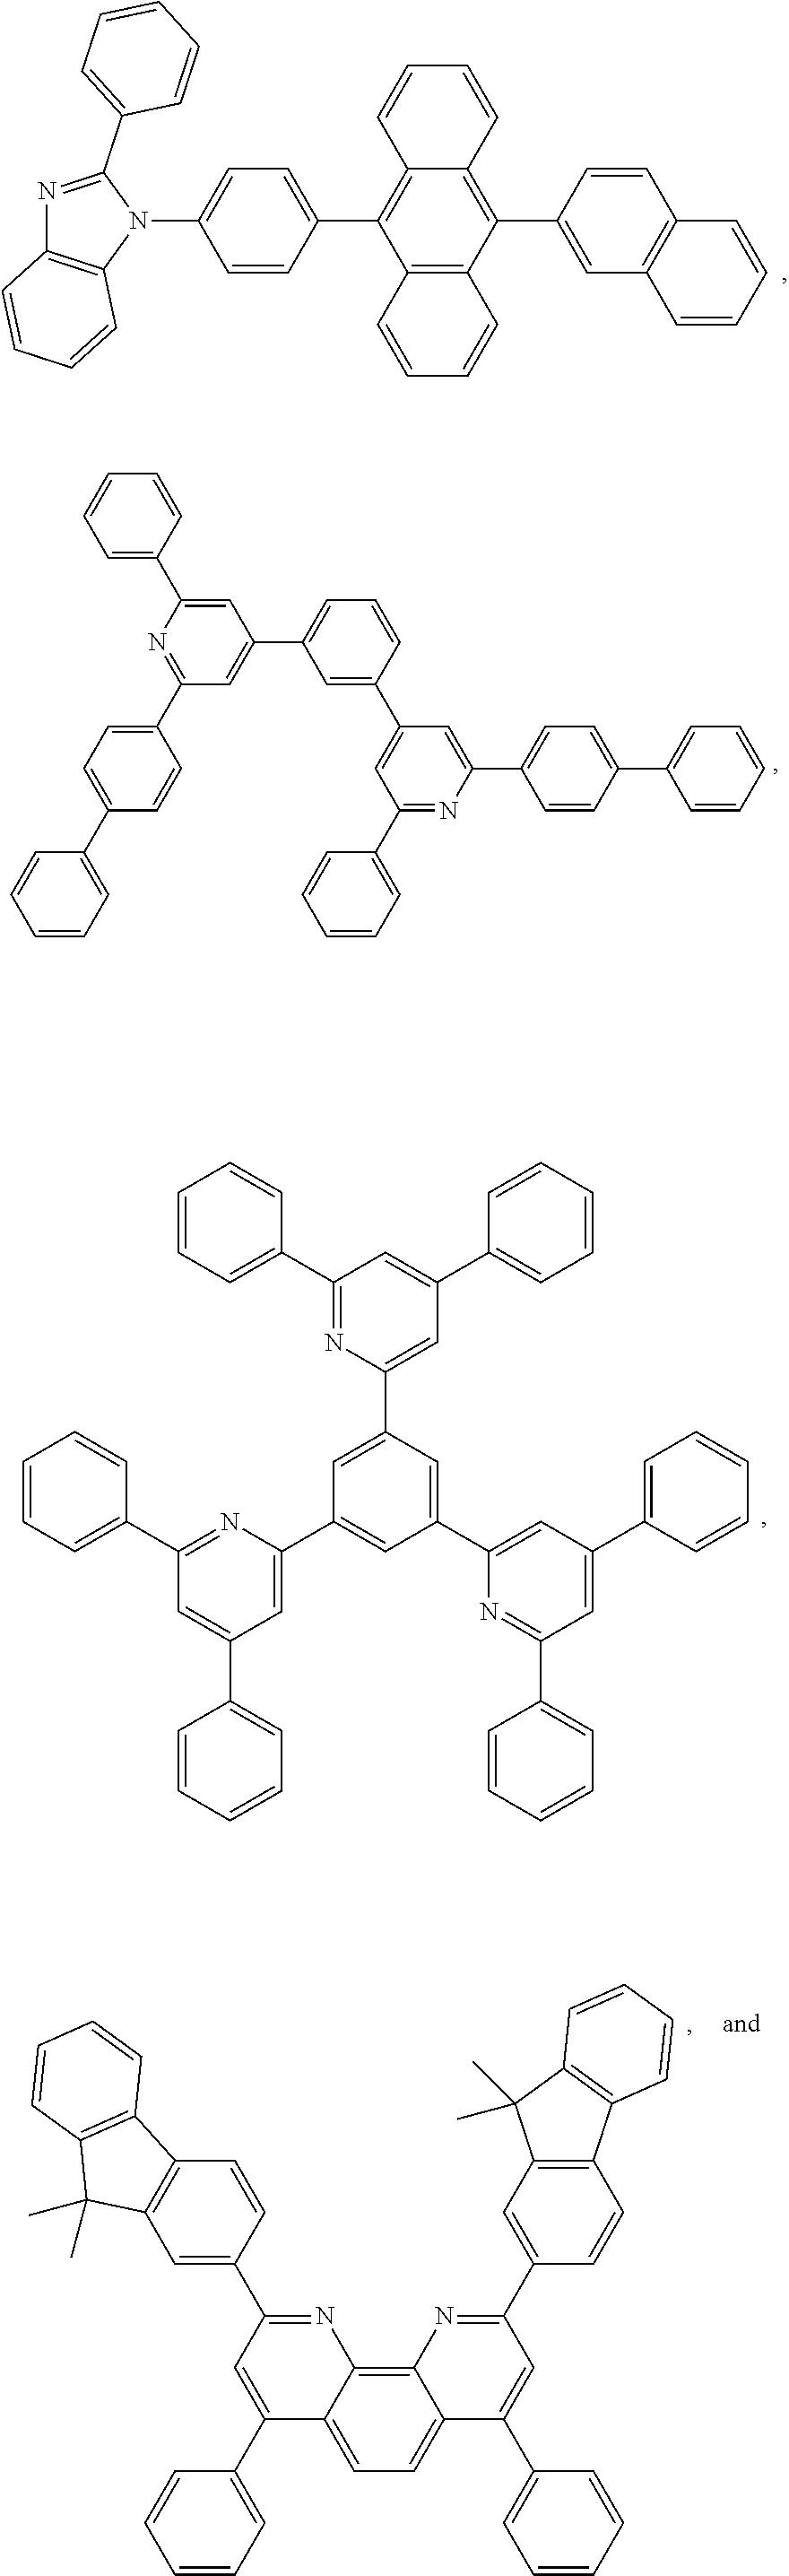 Figure US20190161504A1-20190530-C00095